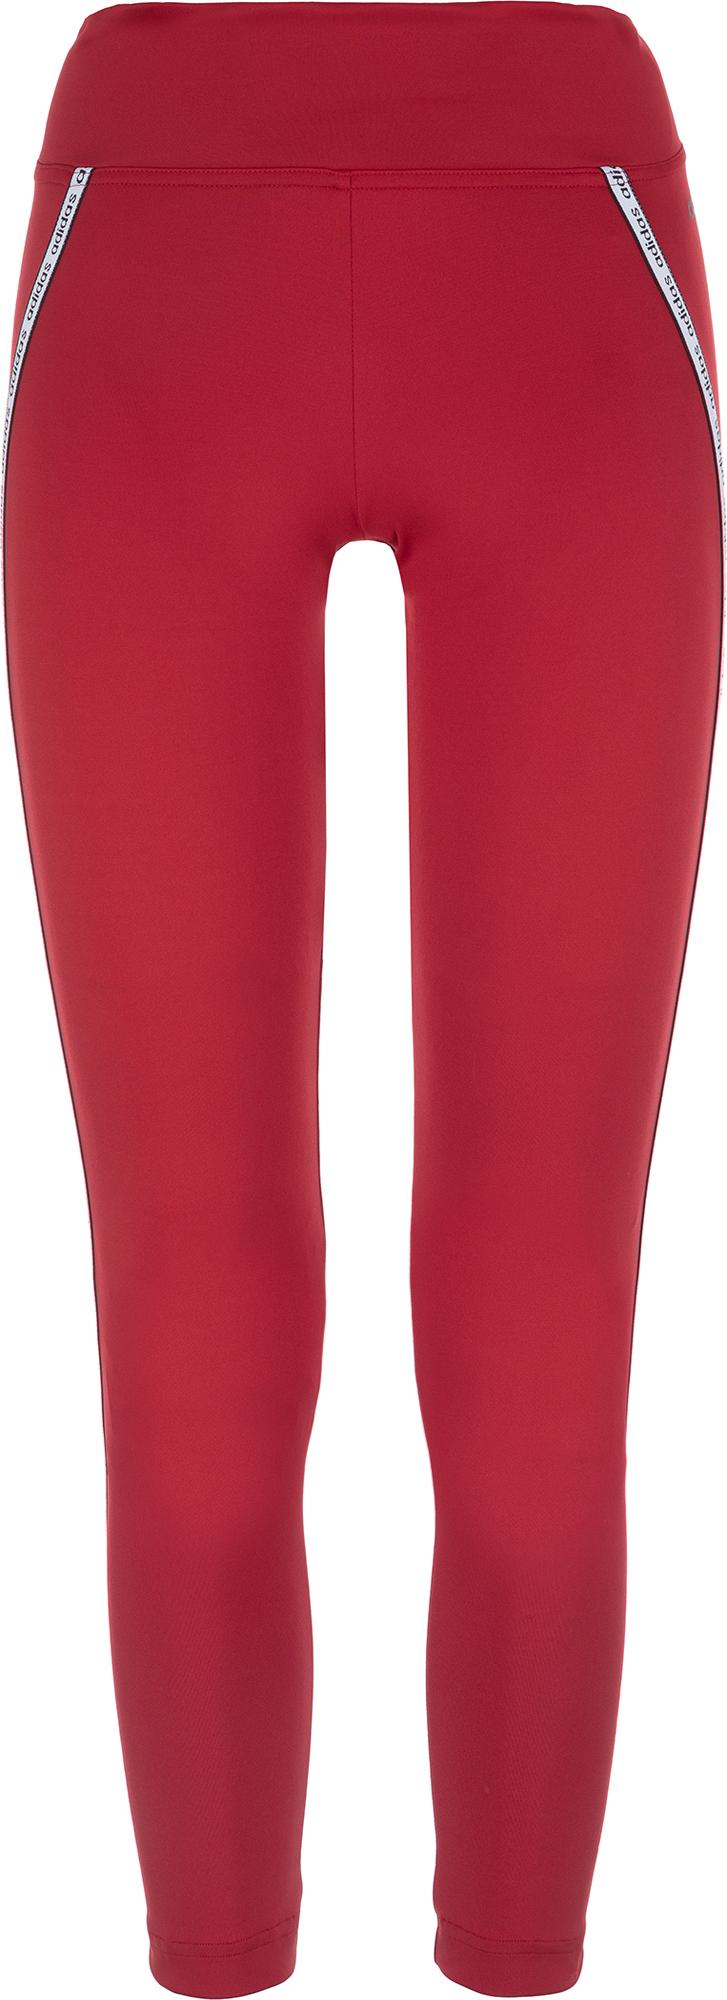 Adidas Легинсы женские Xpressive, размер M